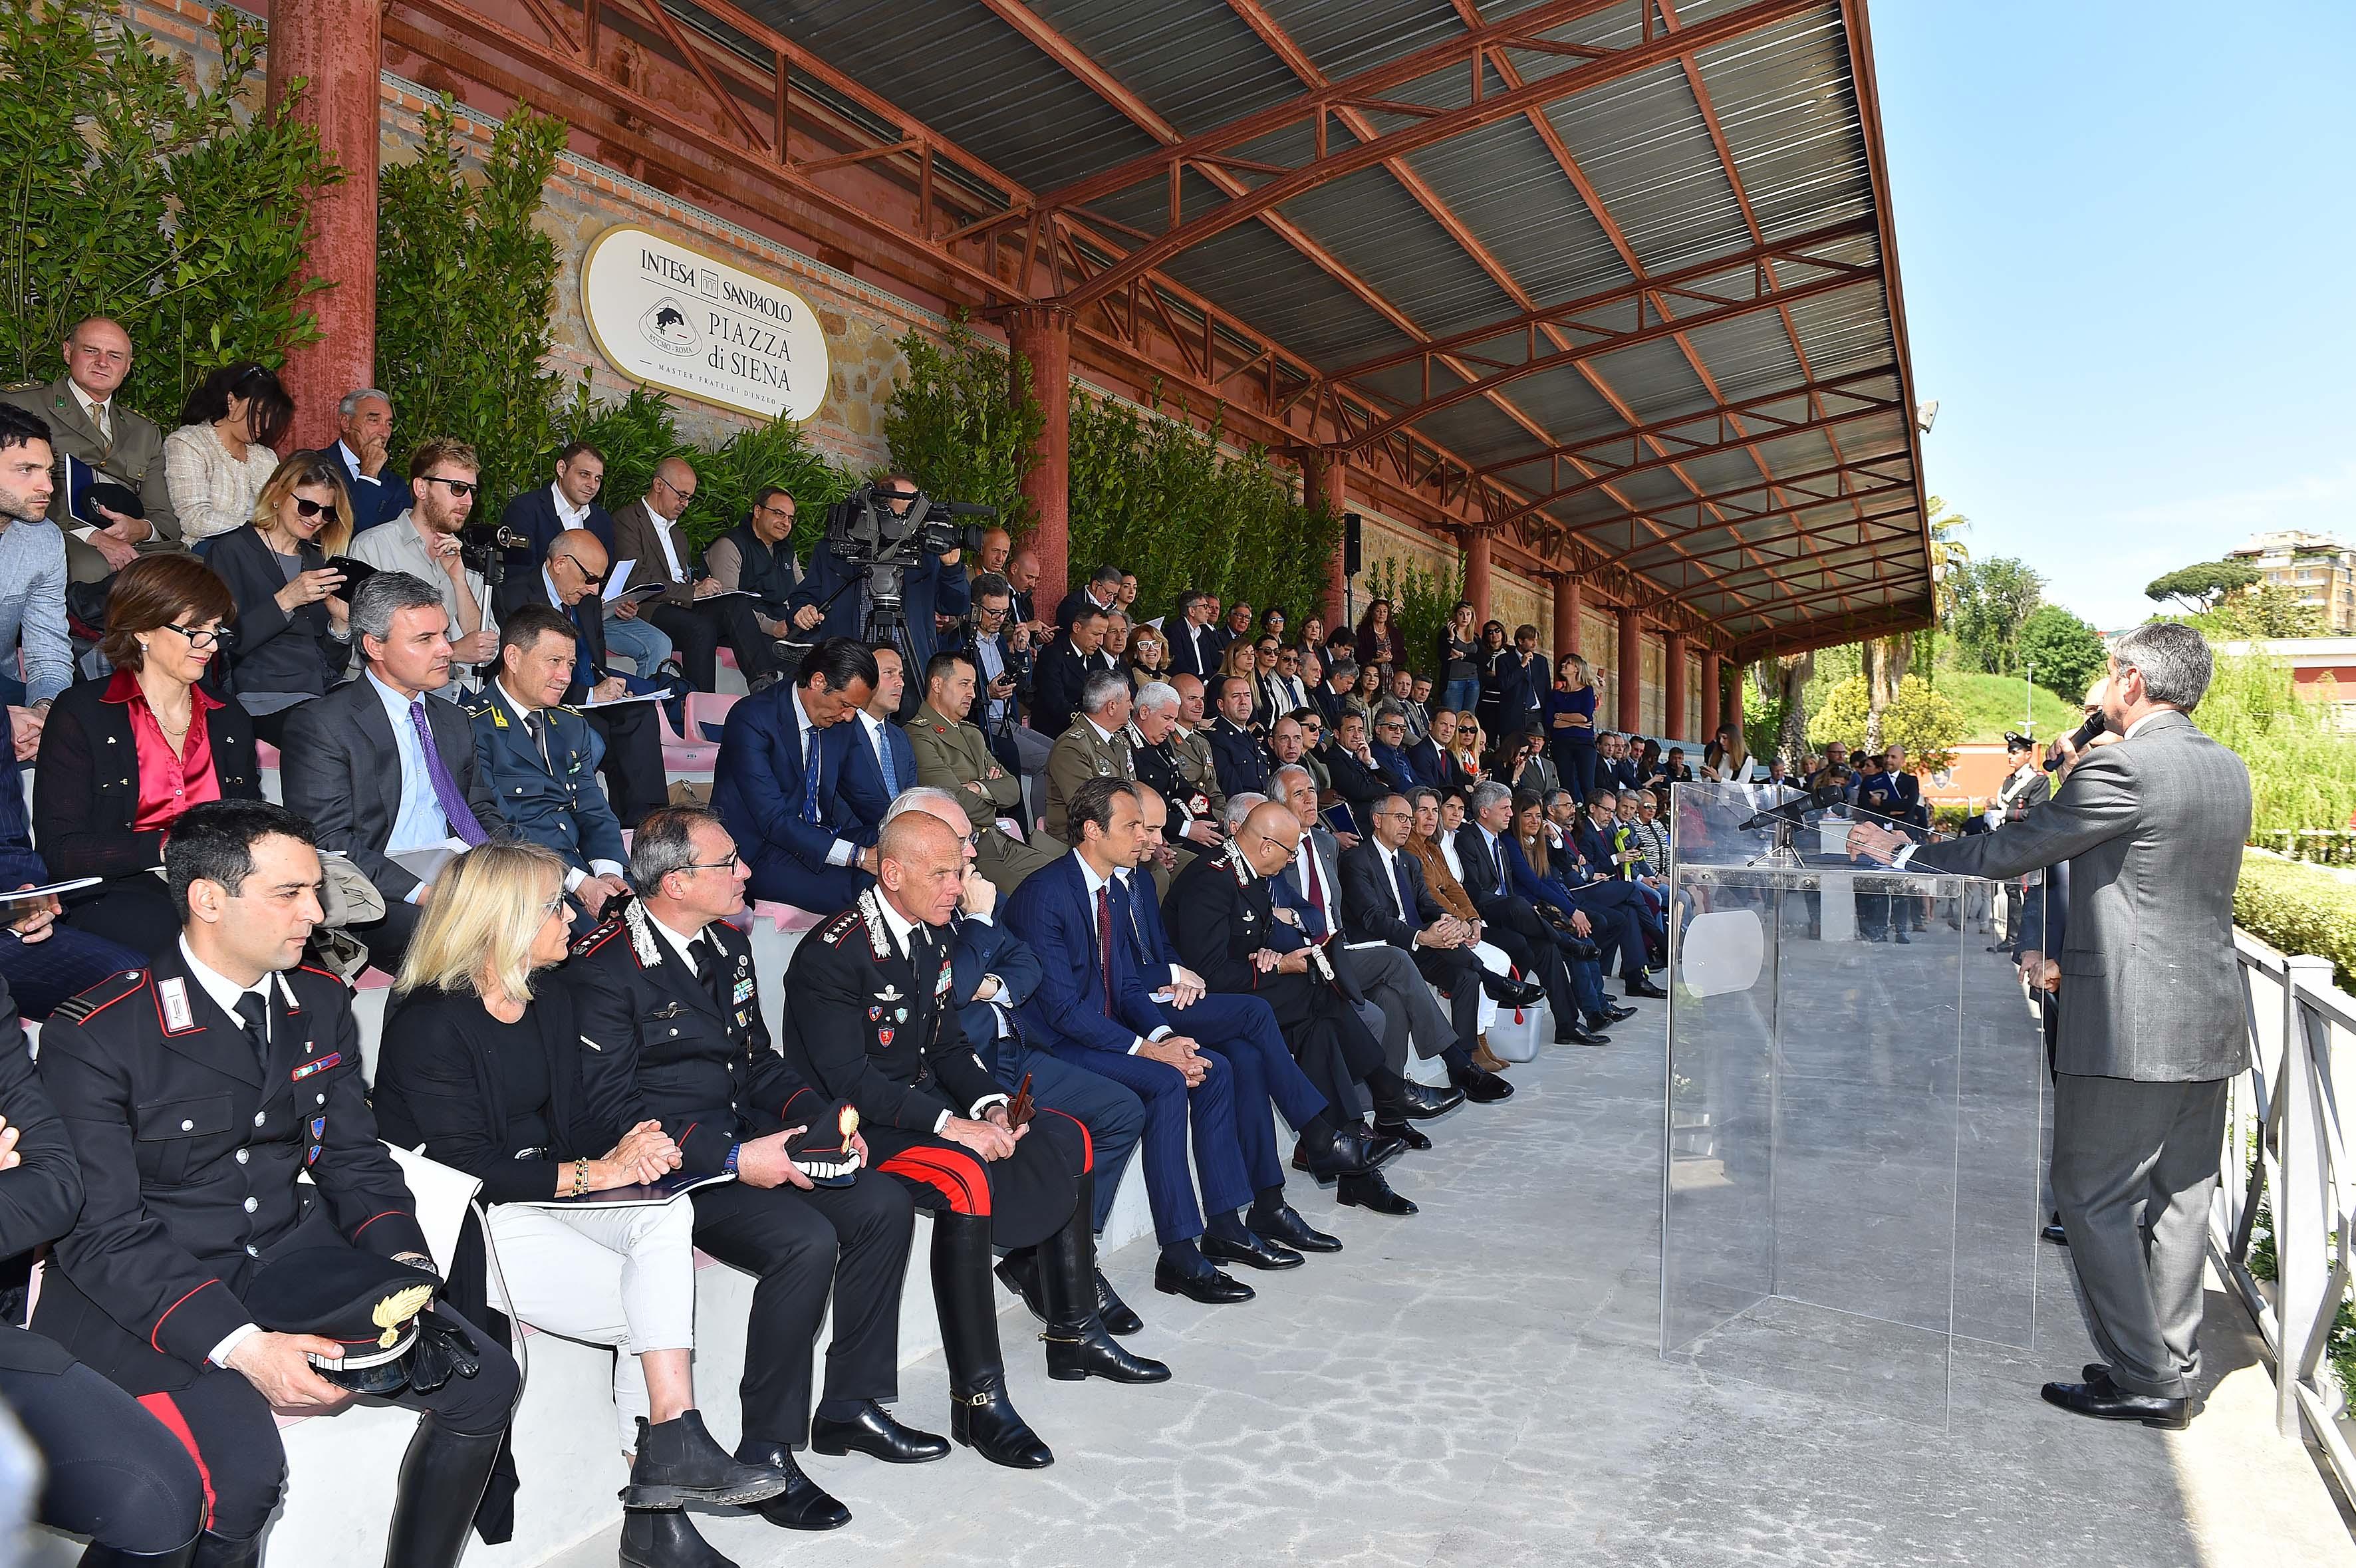 170503018 Piazza Di Siena Conf - Foto Simone Ferraro